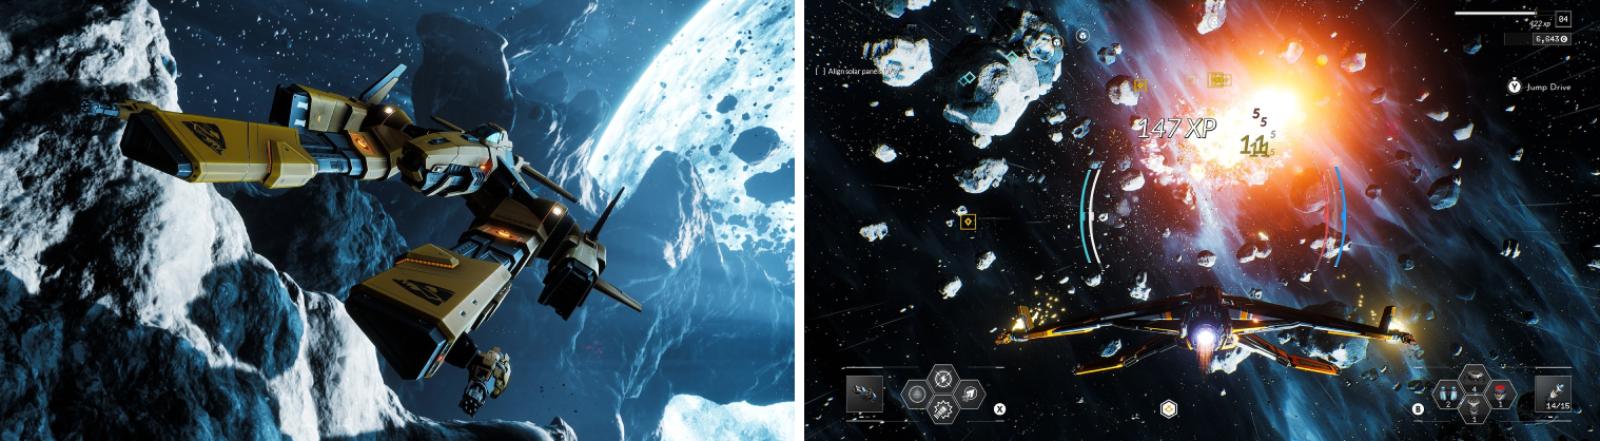 """Challenges bringen Abwechslung in den kampflastigen Spielverlauf: Screenshots aus """"Everspace 2"""""""